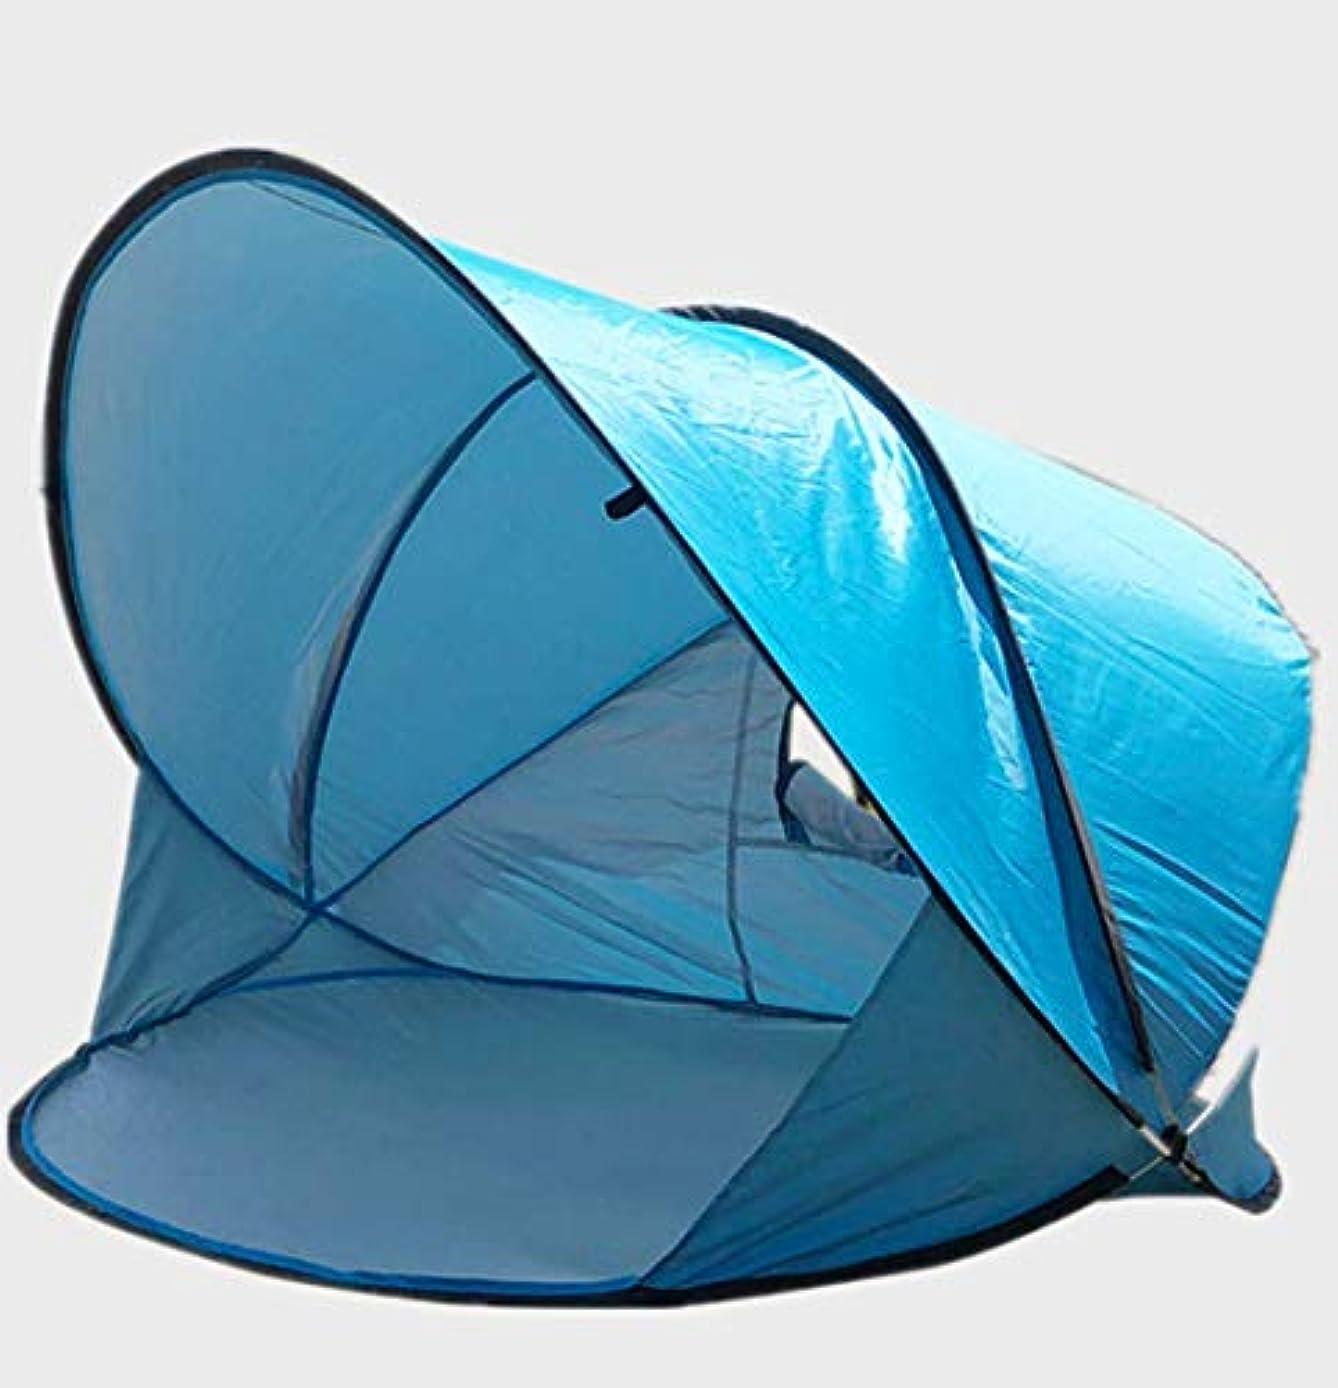 画家プレビスサイト感染する屋外自動ポップアップビーチテント2または3-4人抗紫外線日焼け止め折りたたみ式ポータブル釣りテント